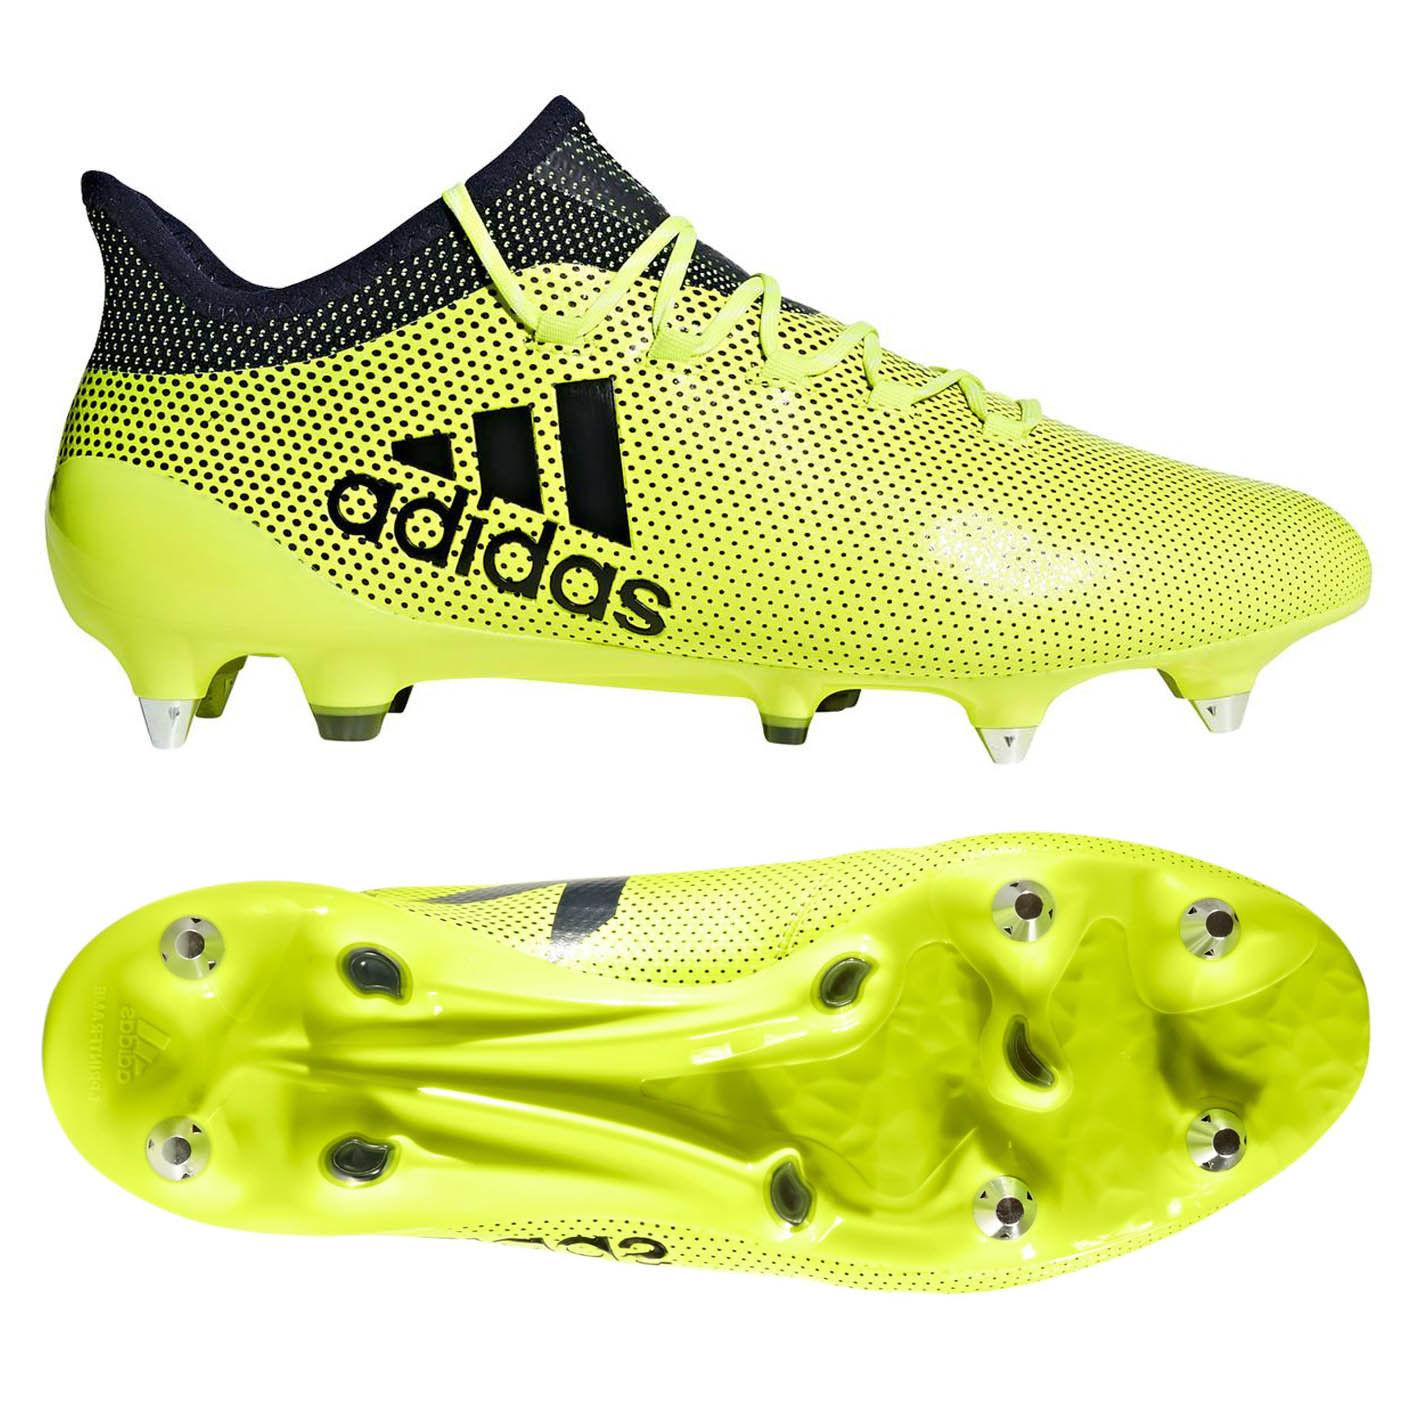 Adidas x 17.1 sg botas de fútbol Zapatillas de naturaleza césped amarillo/negro